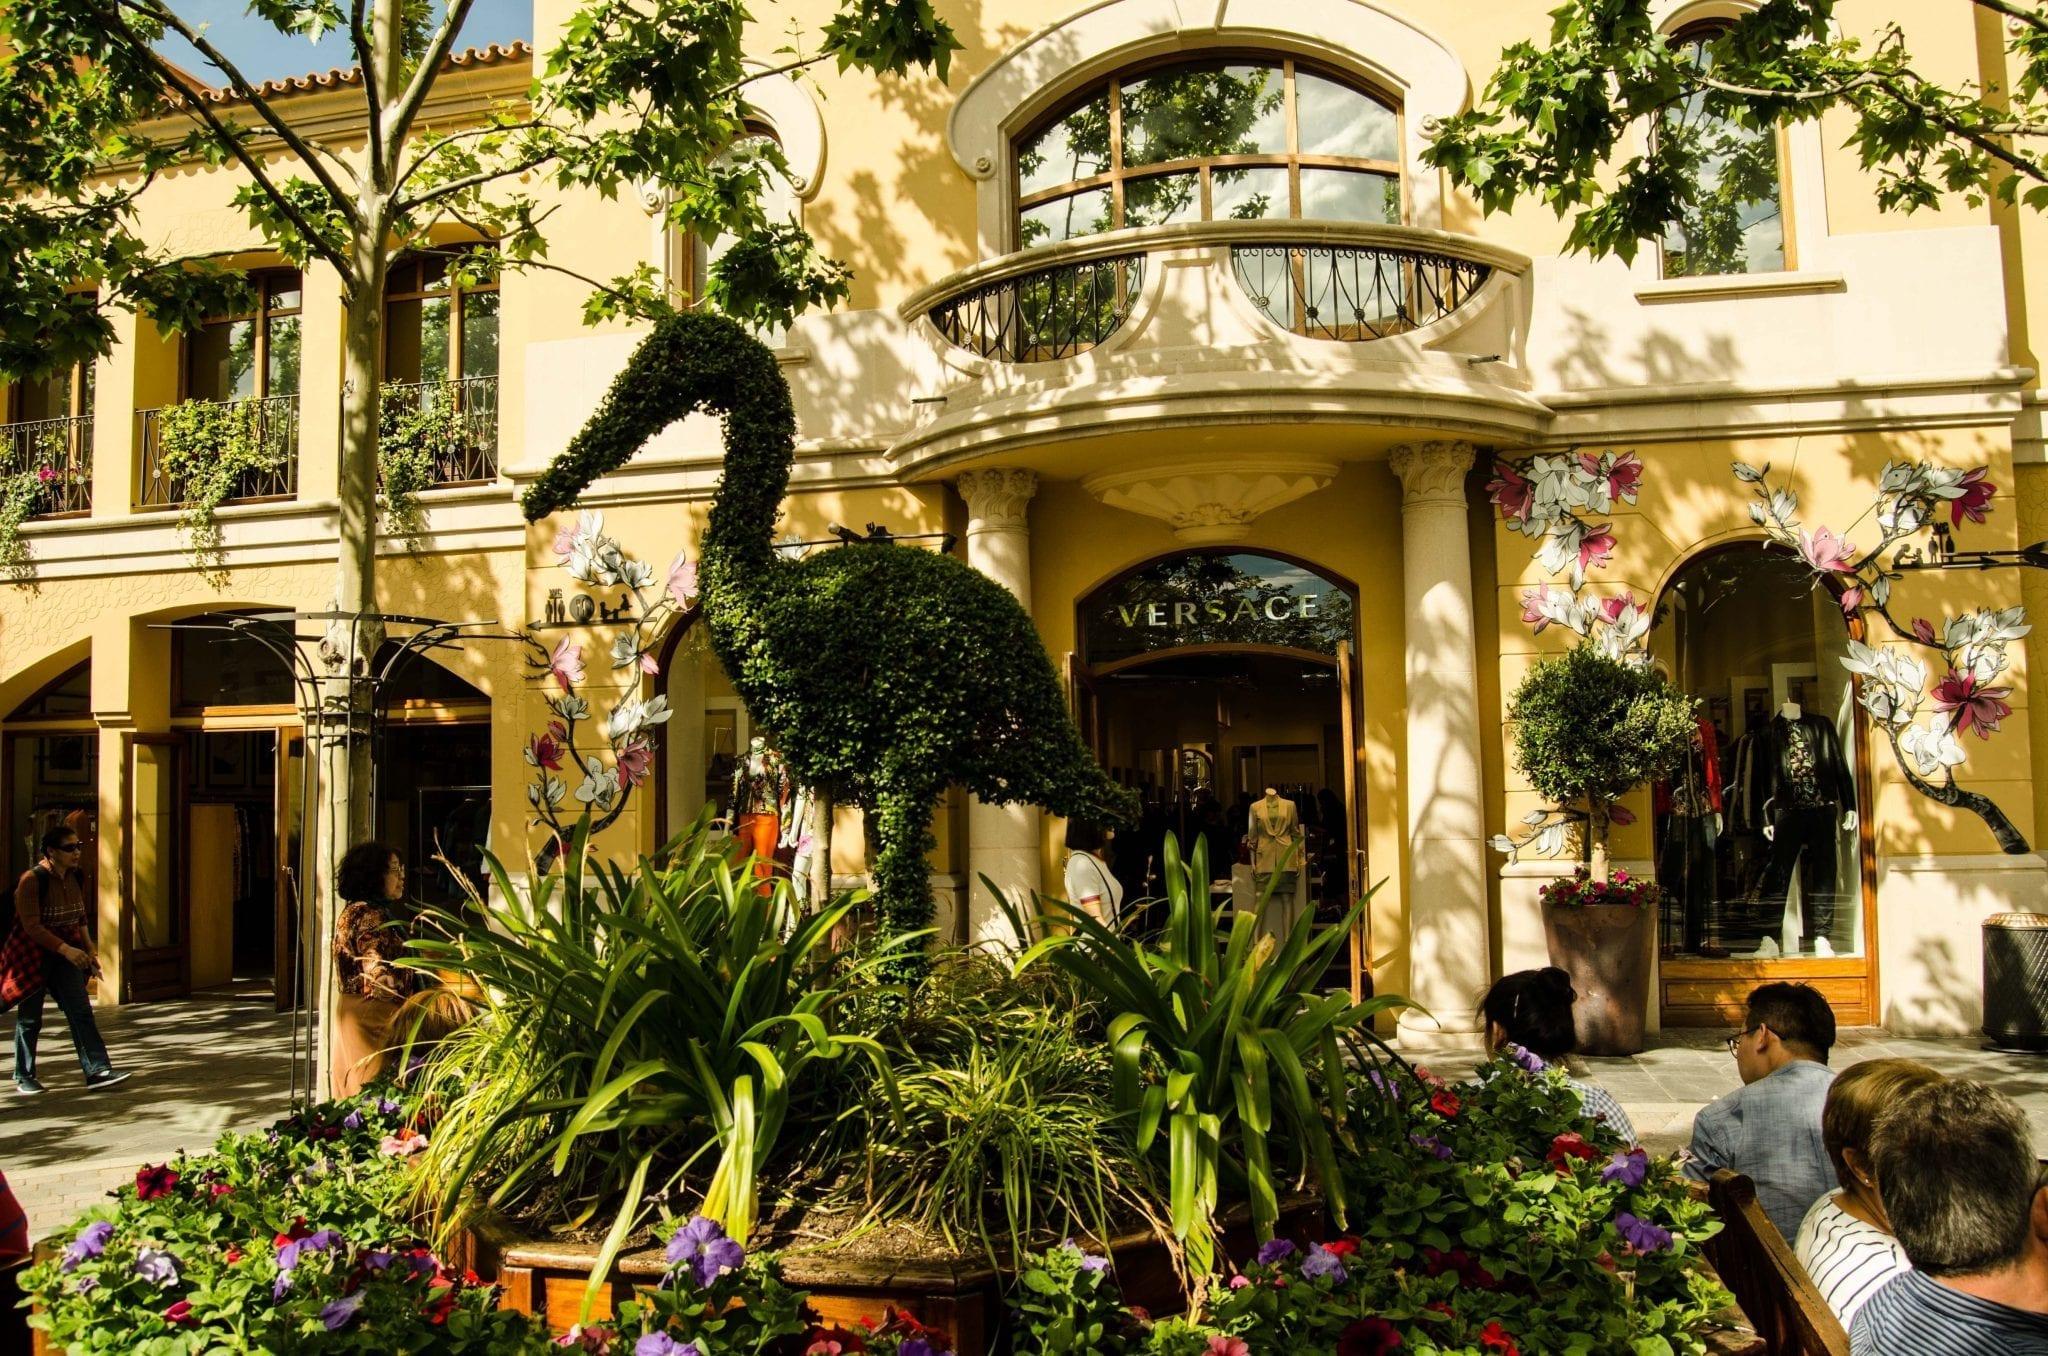 las rozas village luxury brands outlet 70 off